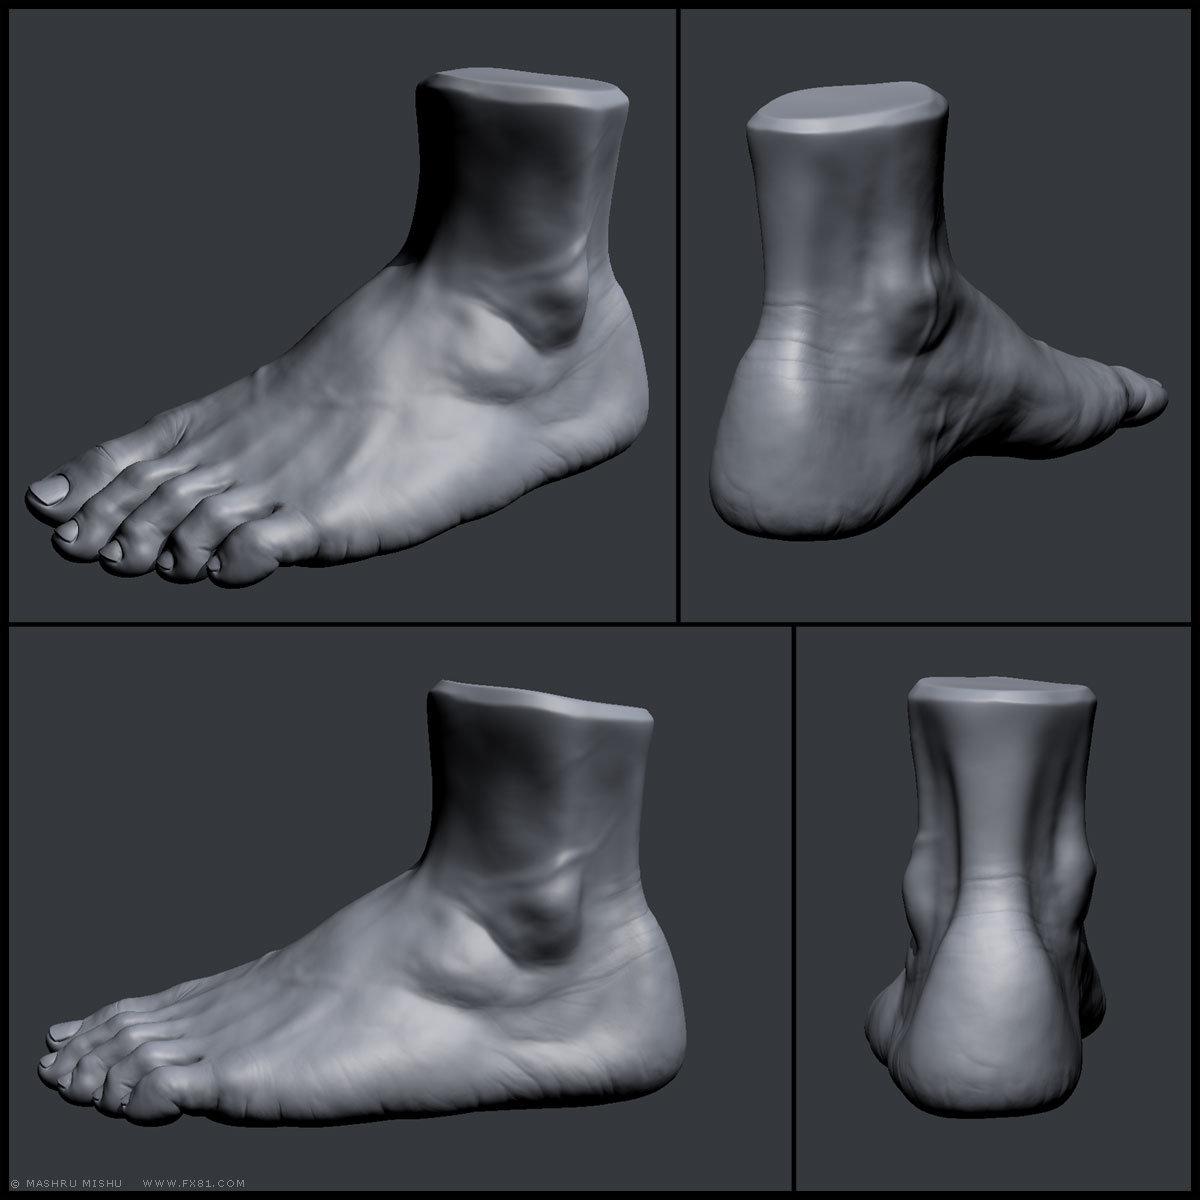 Mashru mishu study feet